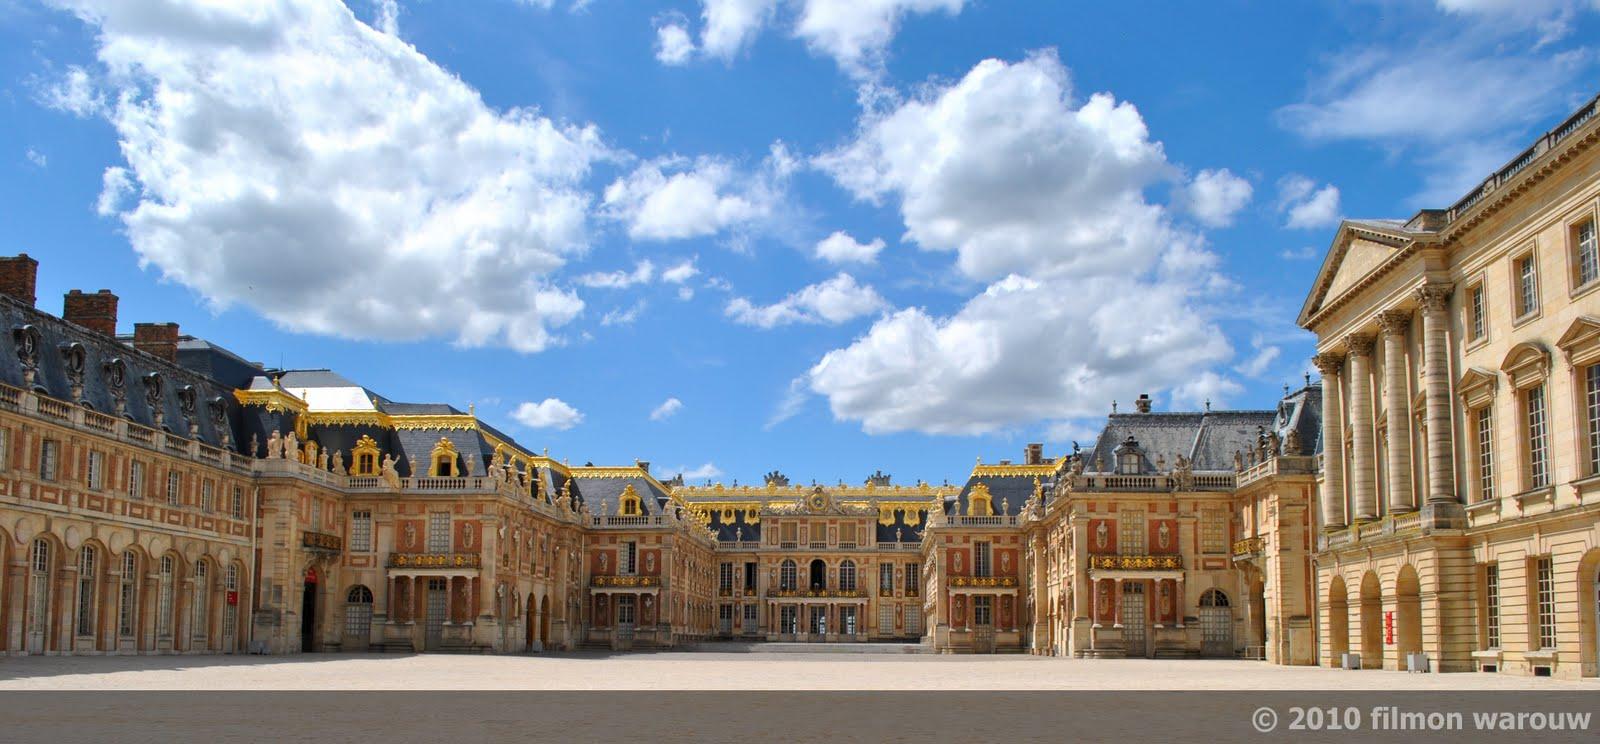 Paris enjoy the posts god is great for Versailles paris